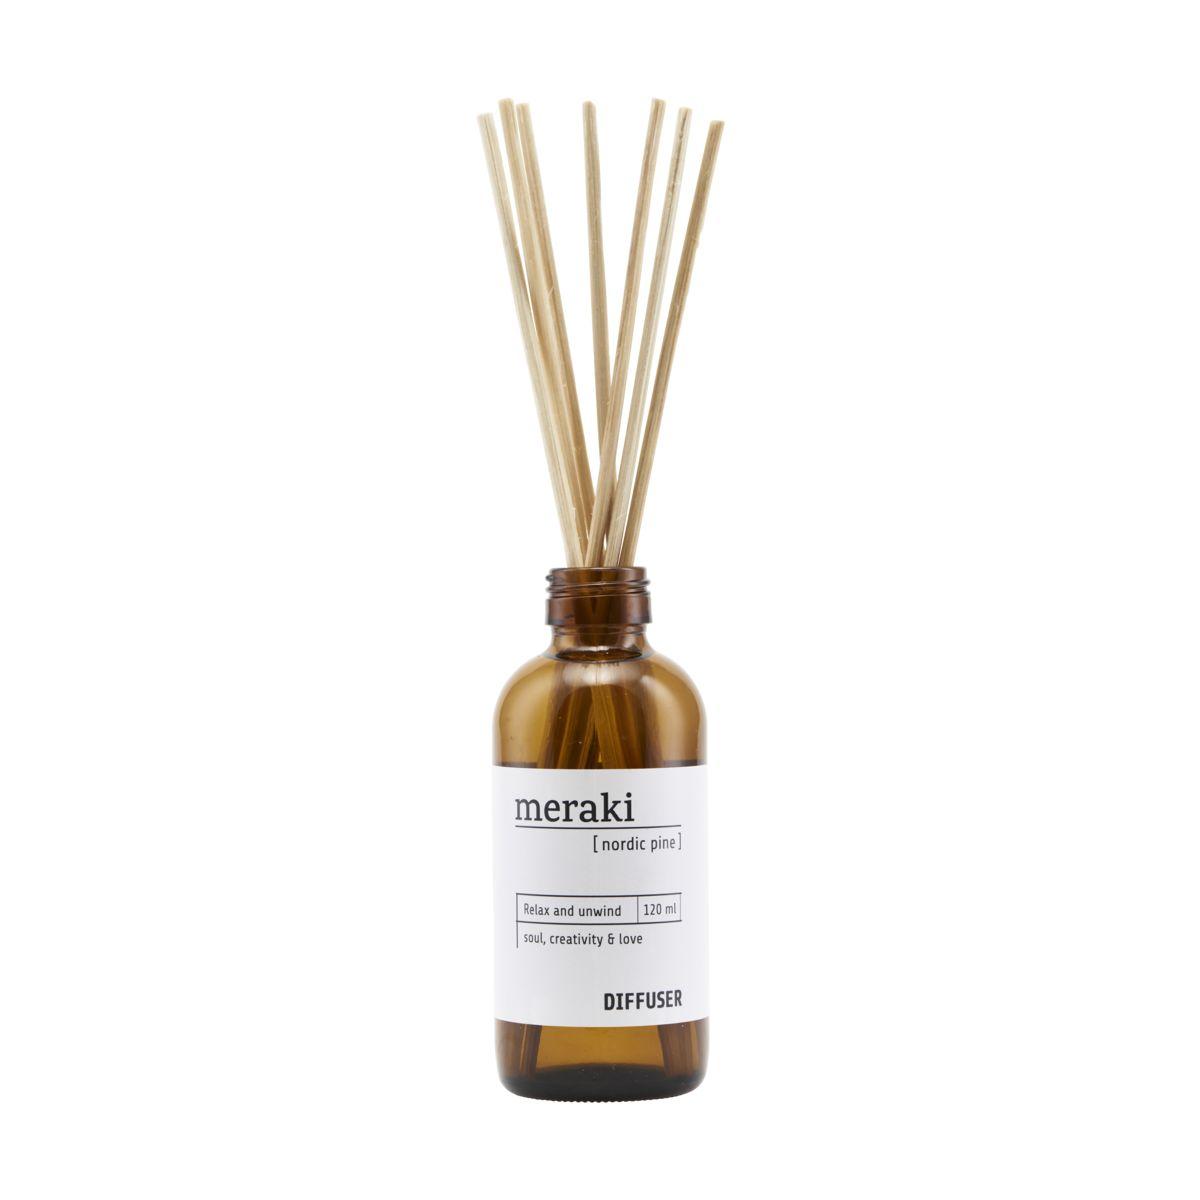 duftfrisker i brun flaske med 7 pinde i træ, som dufter af nordic pine